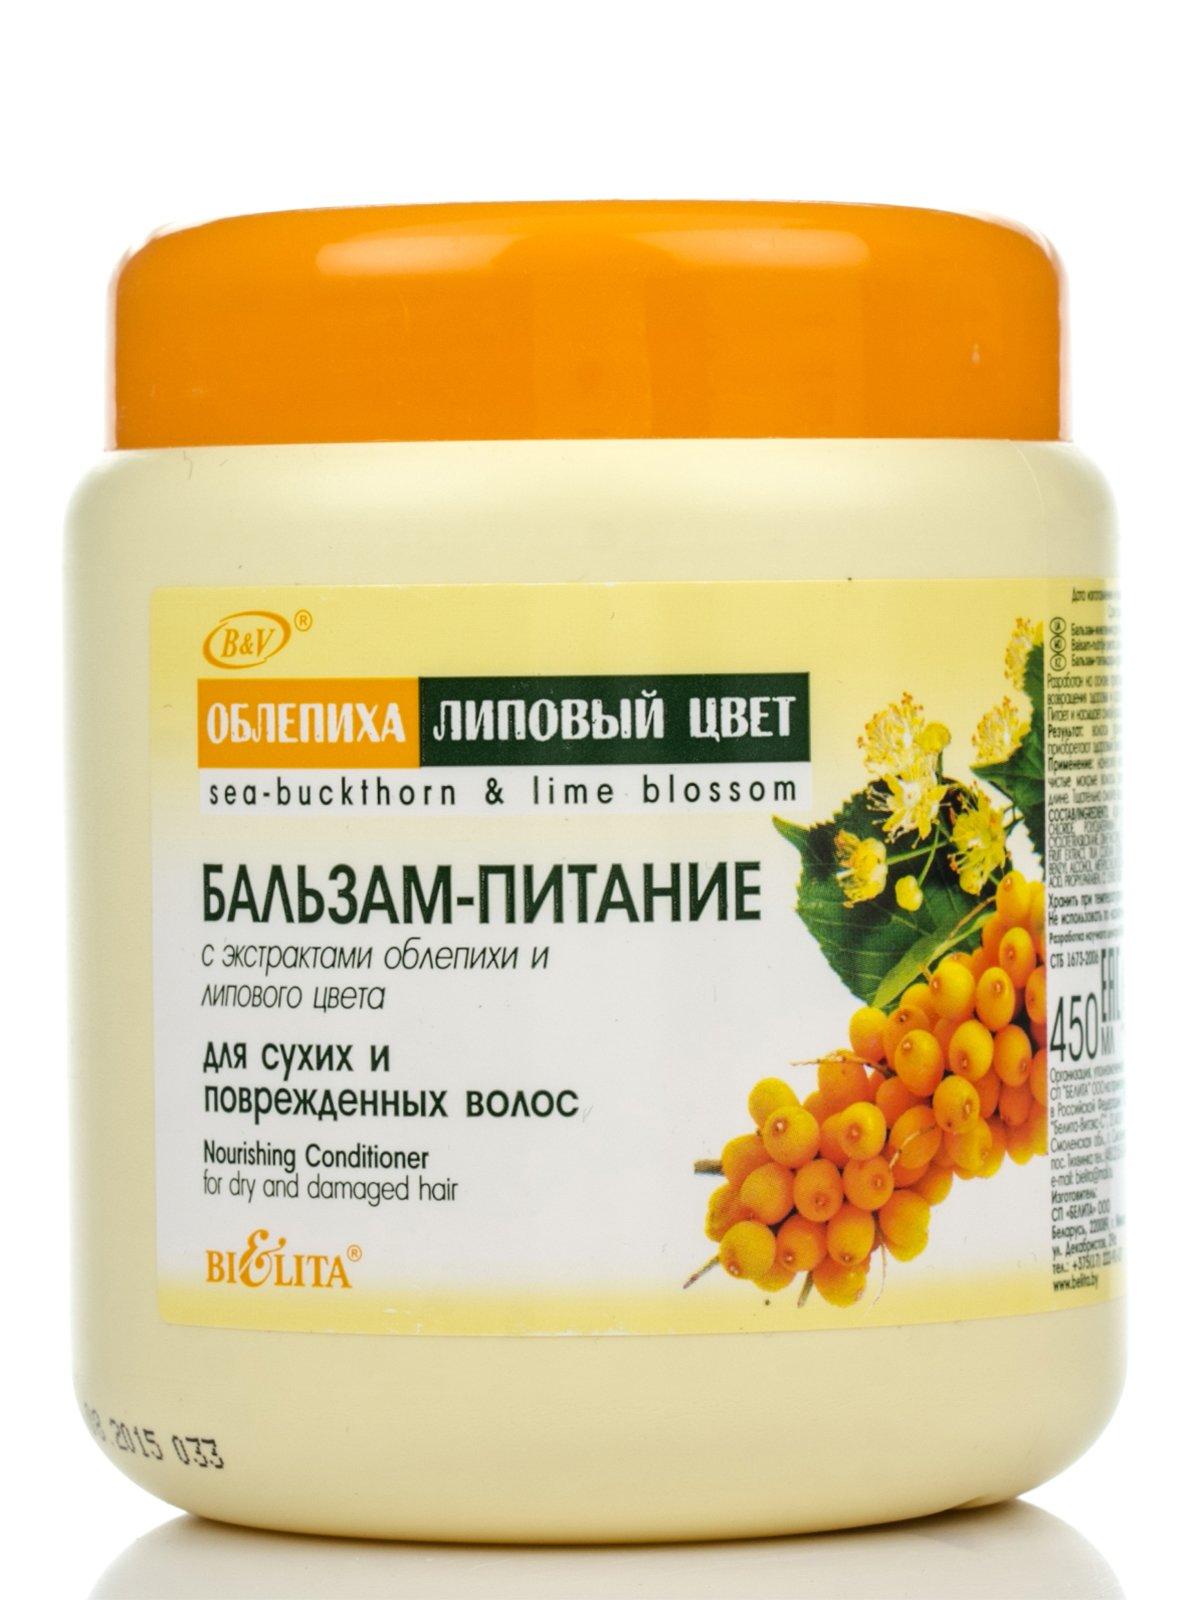 Бальзам-питание для сухих и поврежденных волос «Облепиха» (450 мл) | 2015466